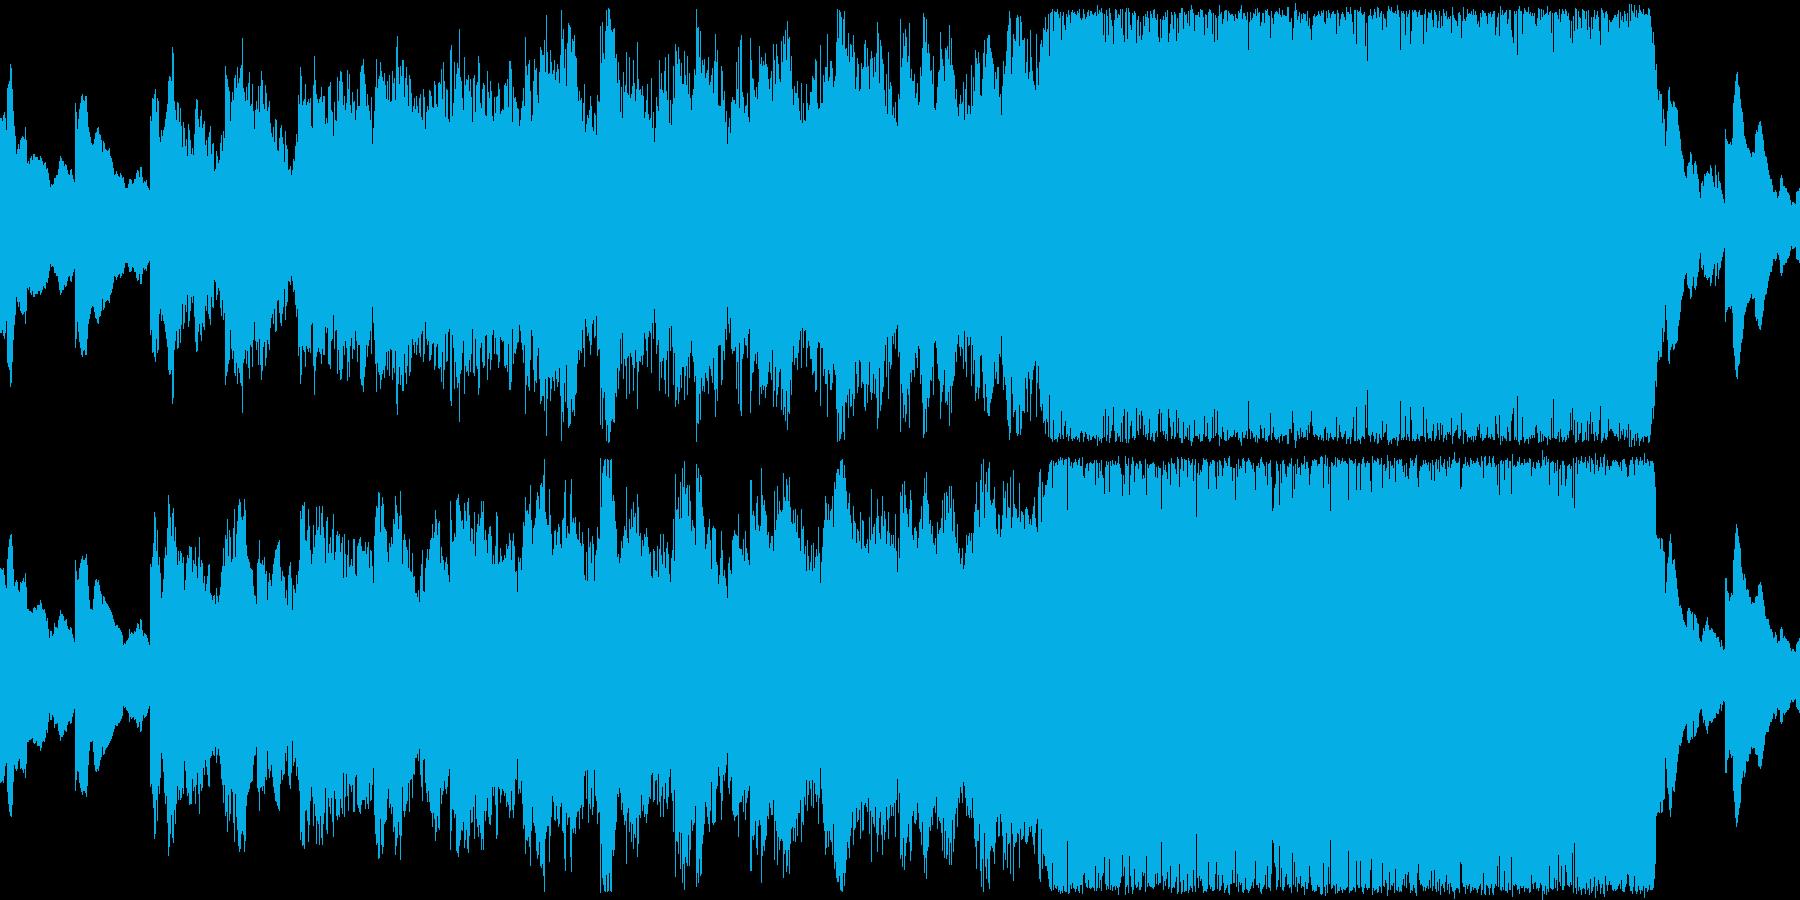 大航海をイメージしたEPICオーケストラの再生済みの波形